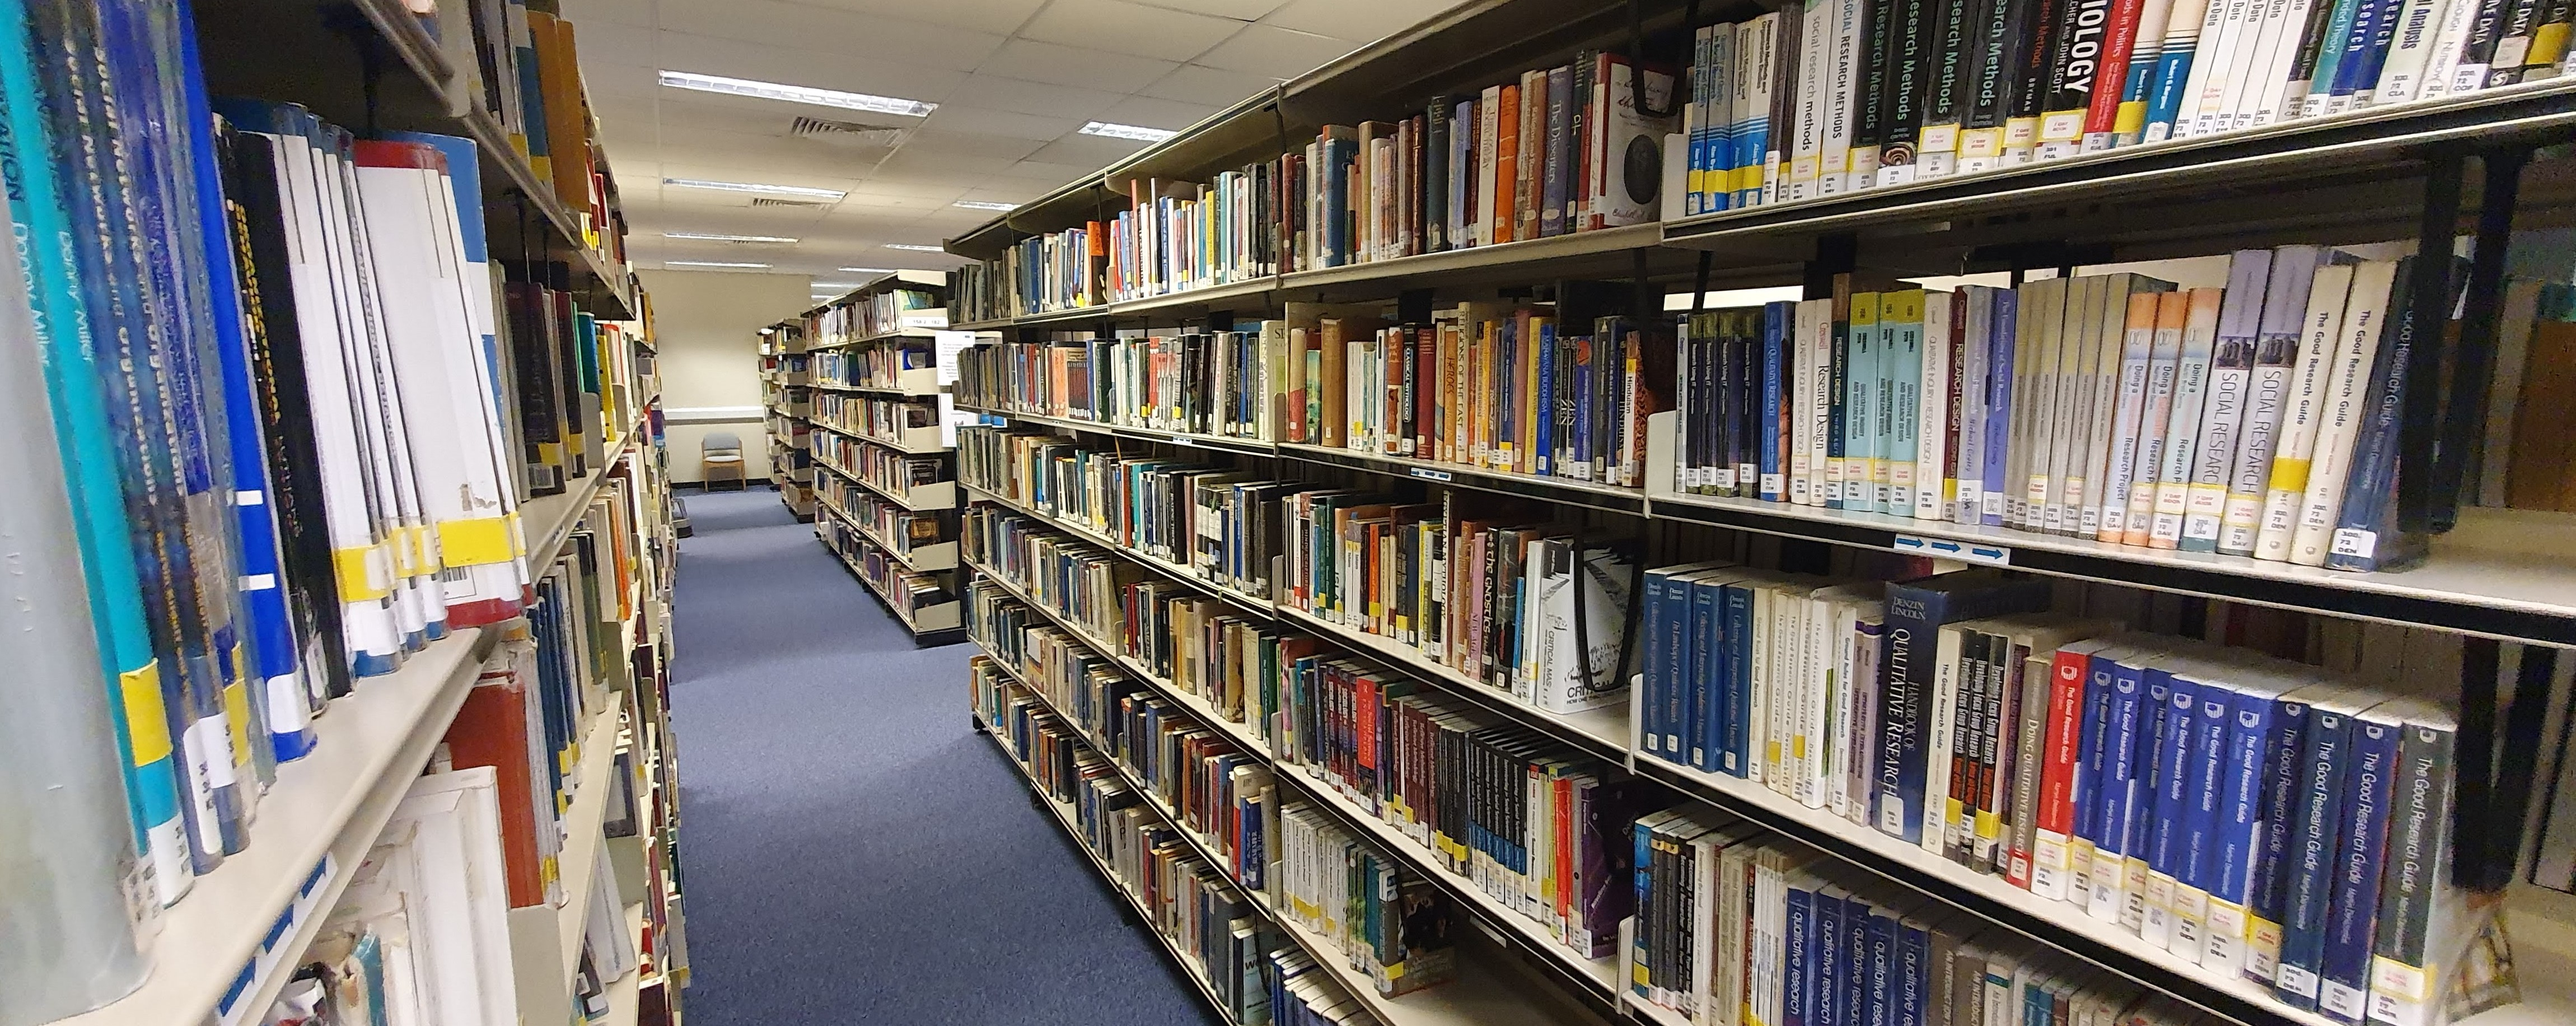 Peter Marsh Library shelves